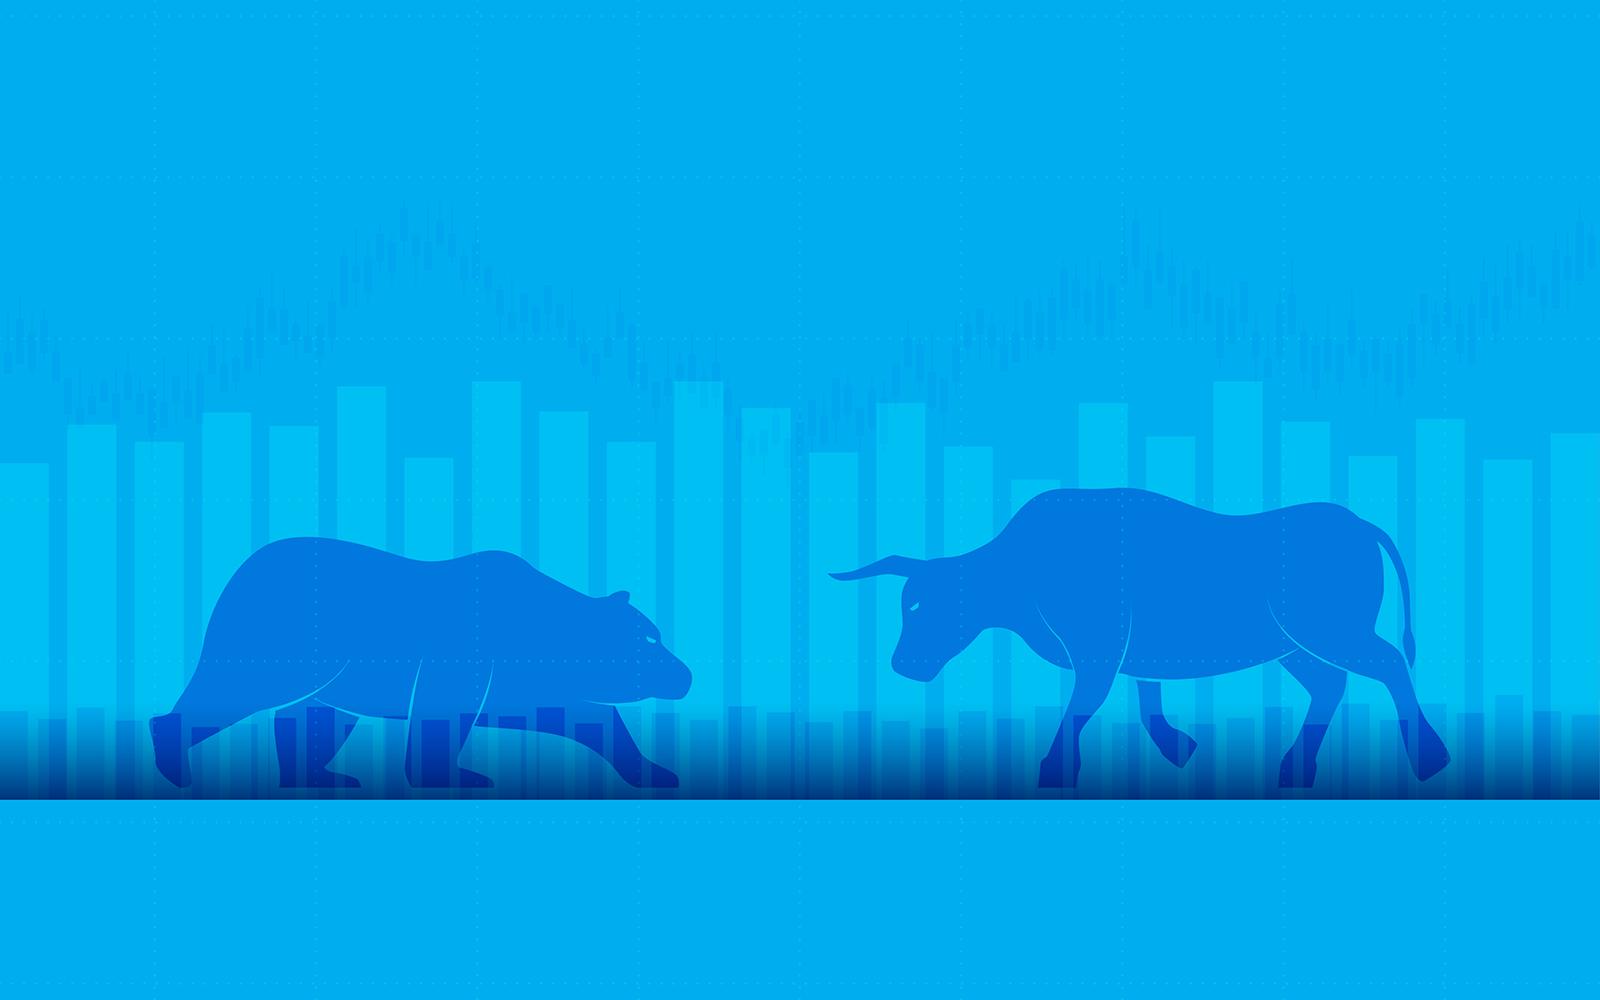 Sneak Peak: As Sales Top Out, Signs Of Softening Multiply